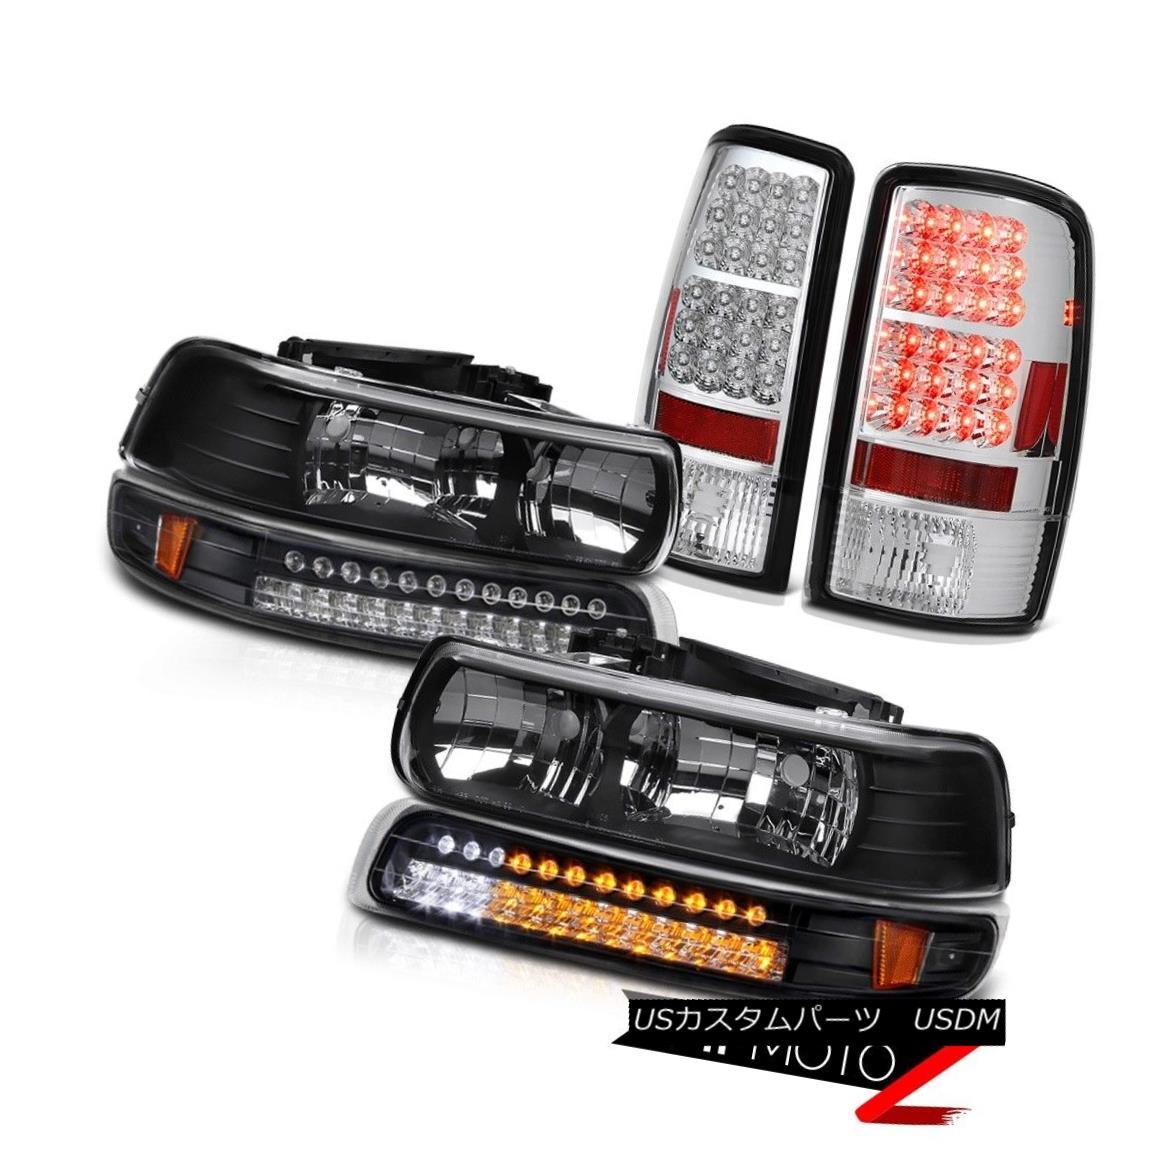 ヘッドライト Clear/Black Headlights LED Parking Chrome Taillight 2001-2006 Chevy Suburban Z71 クリア/ブラックヘッドライトLEDパーキングクロームティアライト2001-2006シボレー郊外Z71